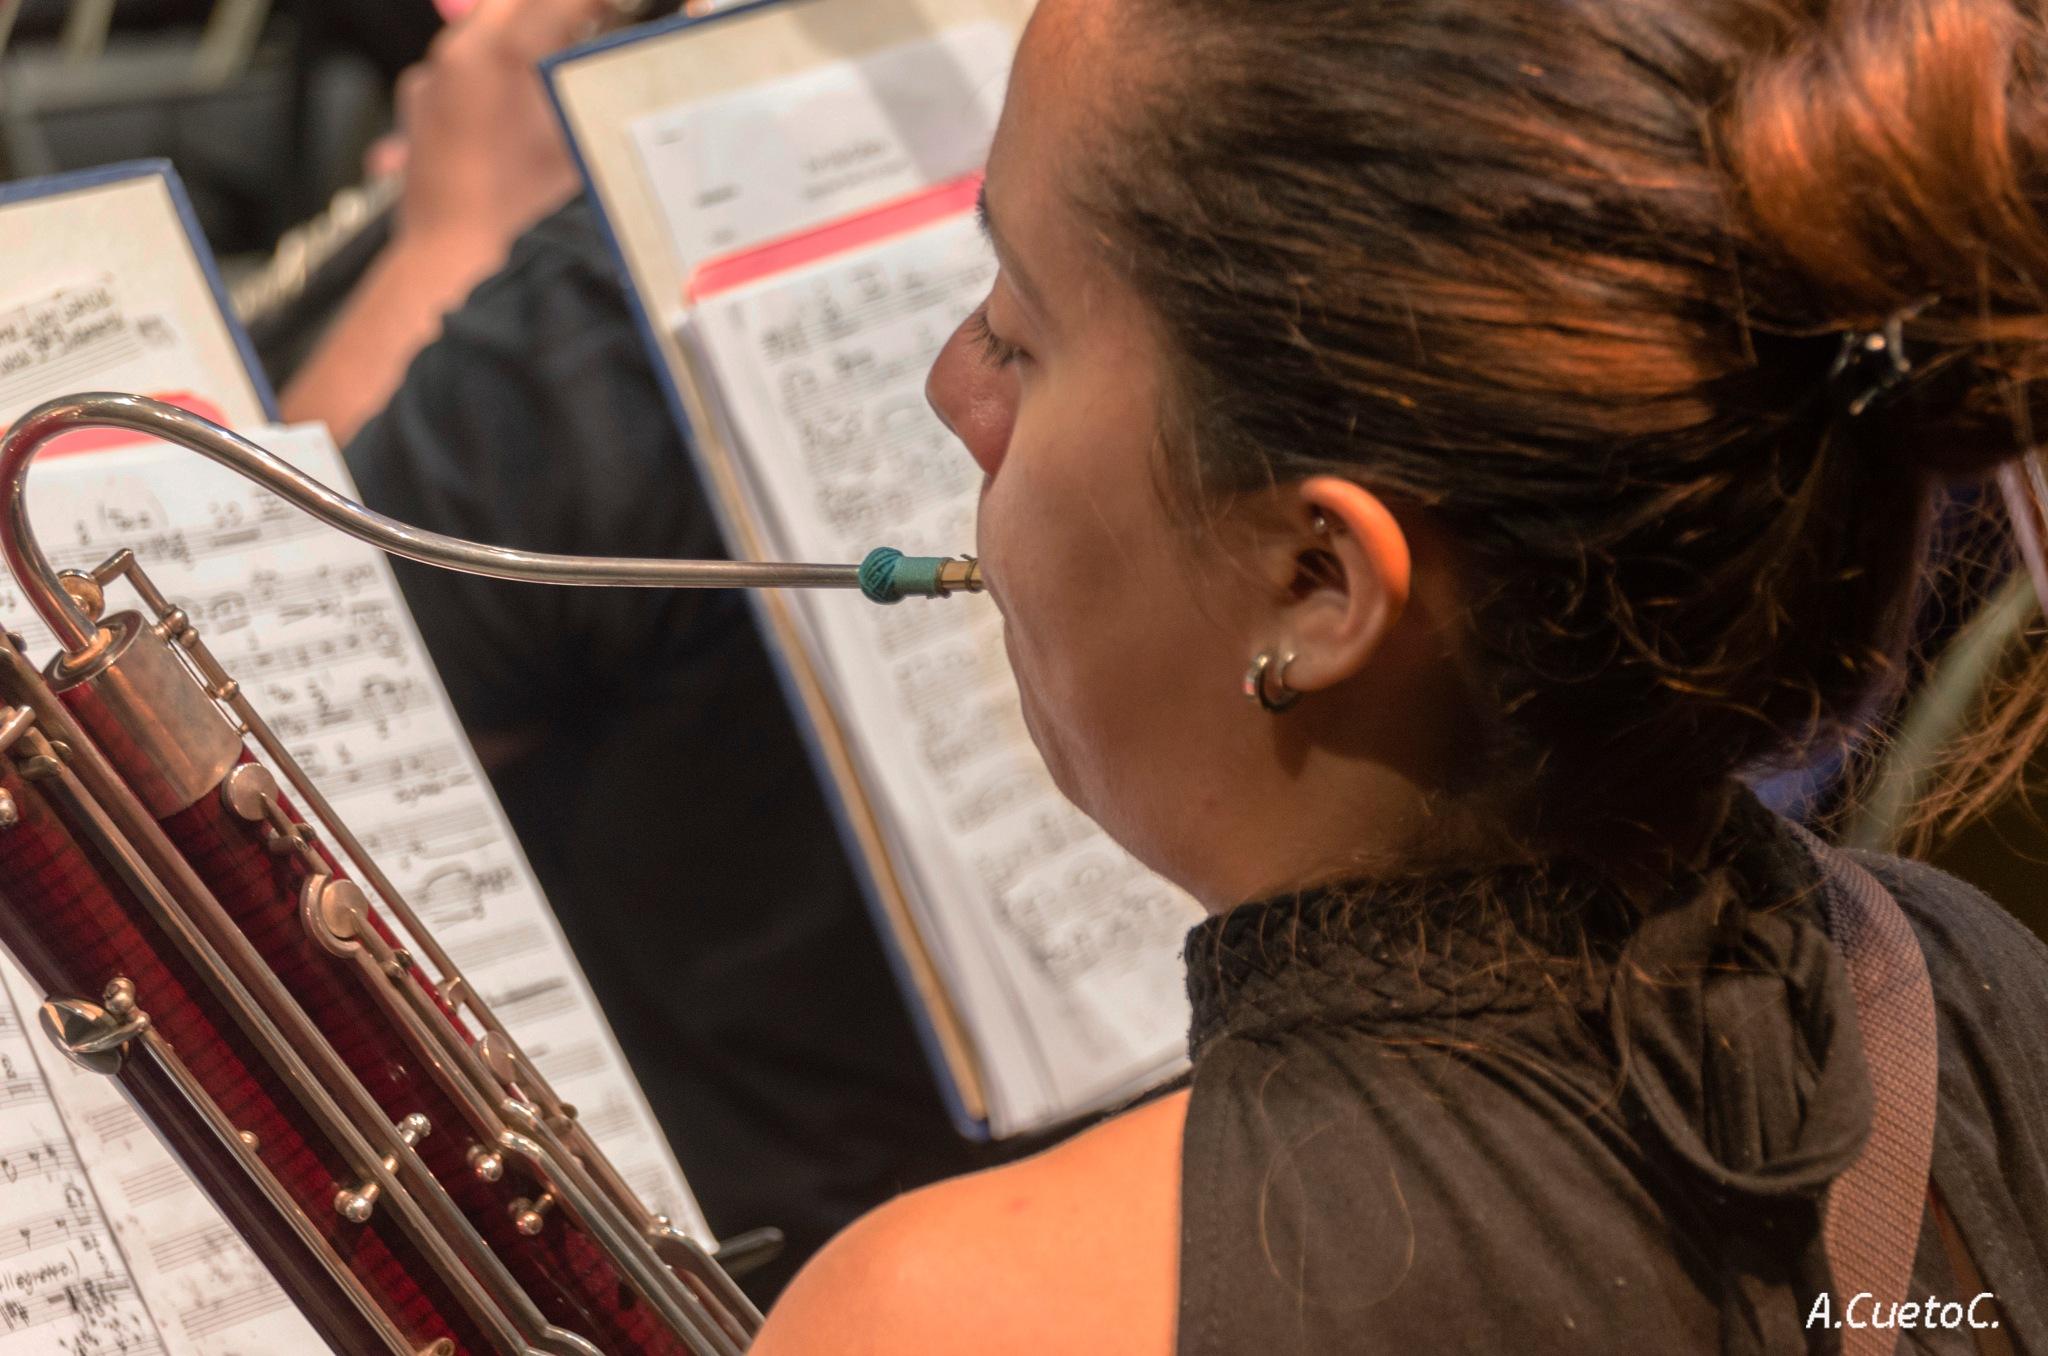 La fagotista by amarilis.cuetocabrera